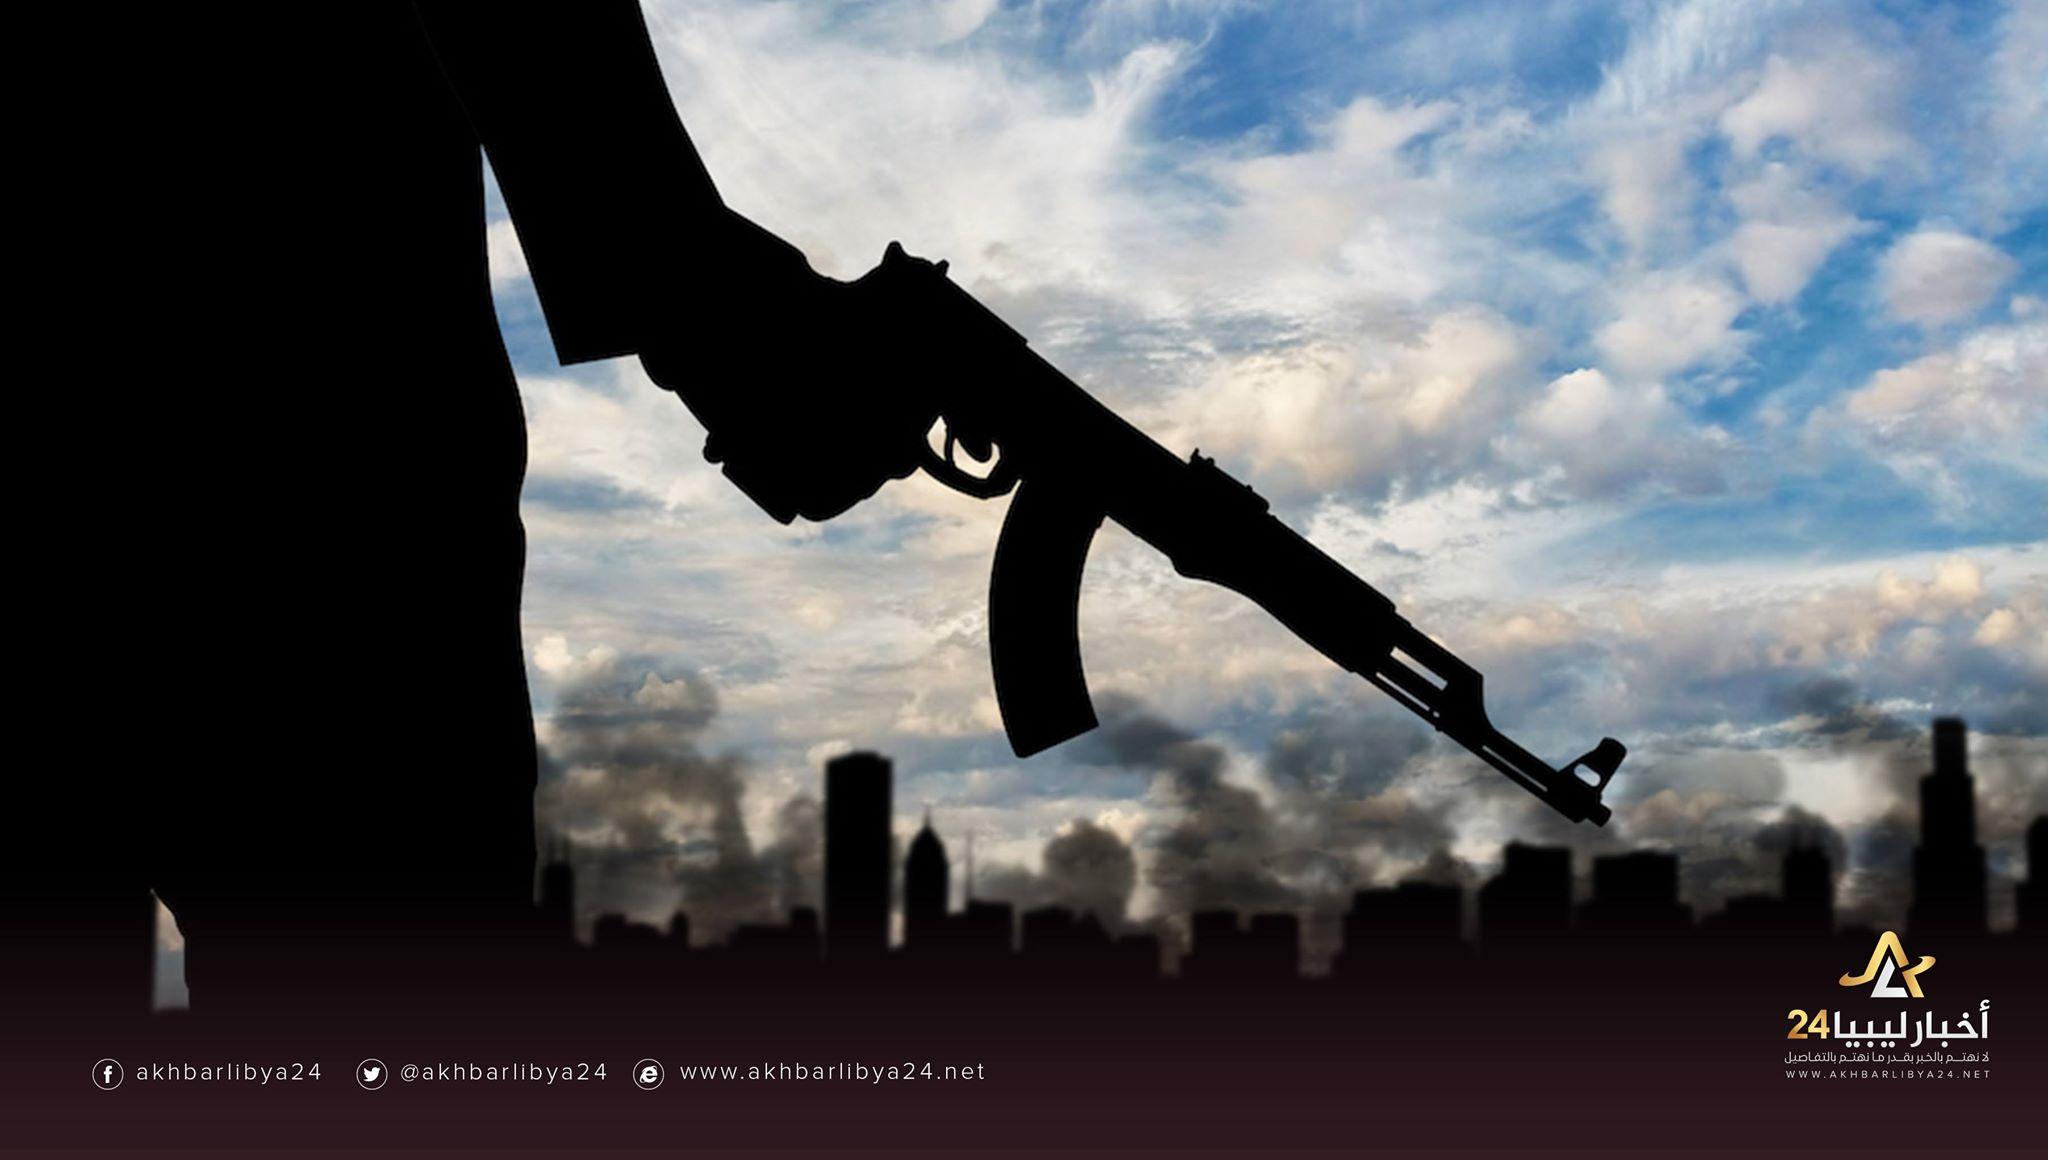 صورة الإرهاب في ليبيا.. آثاره السلبية على المواطن والمجتمع وأضراره الجانبية على الدولة ومؤسساتها